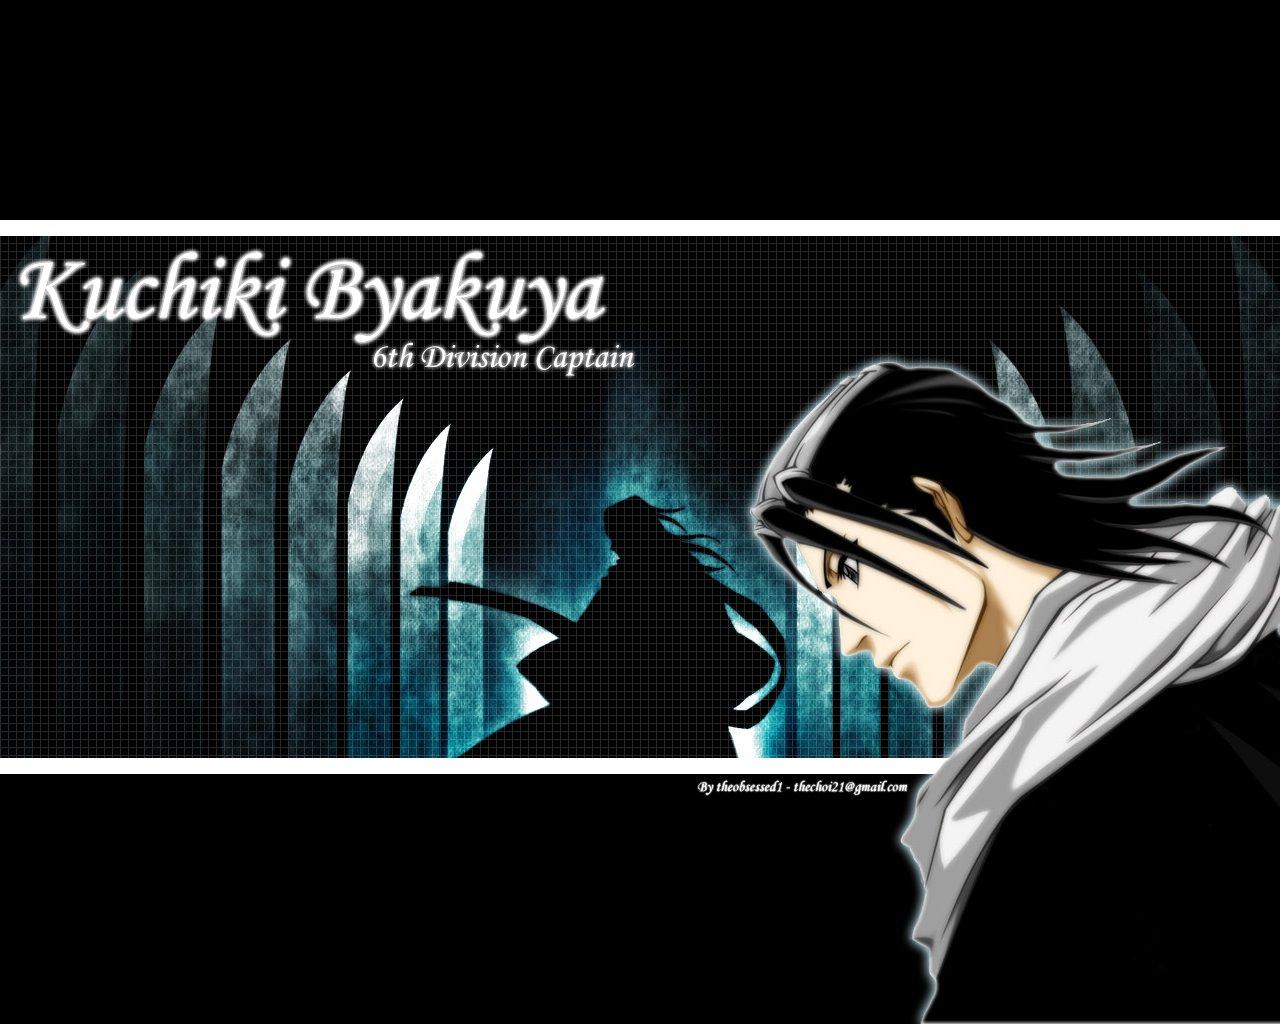 http://4.bp.blogspot.com/_K548KynnNGQ/S7wUNHXltdI/AAAAAAAAAFo/bqv7MhVWRRo/s1600/Bleach+Wallpaper+Kuchiki+Byakuya+1.jpg